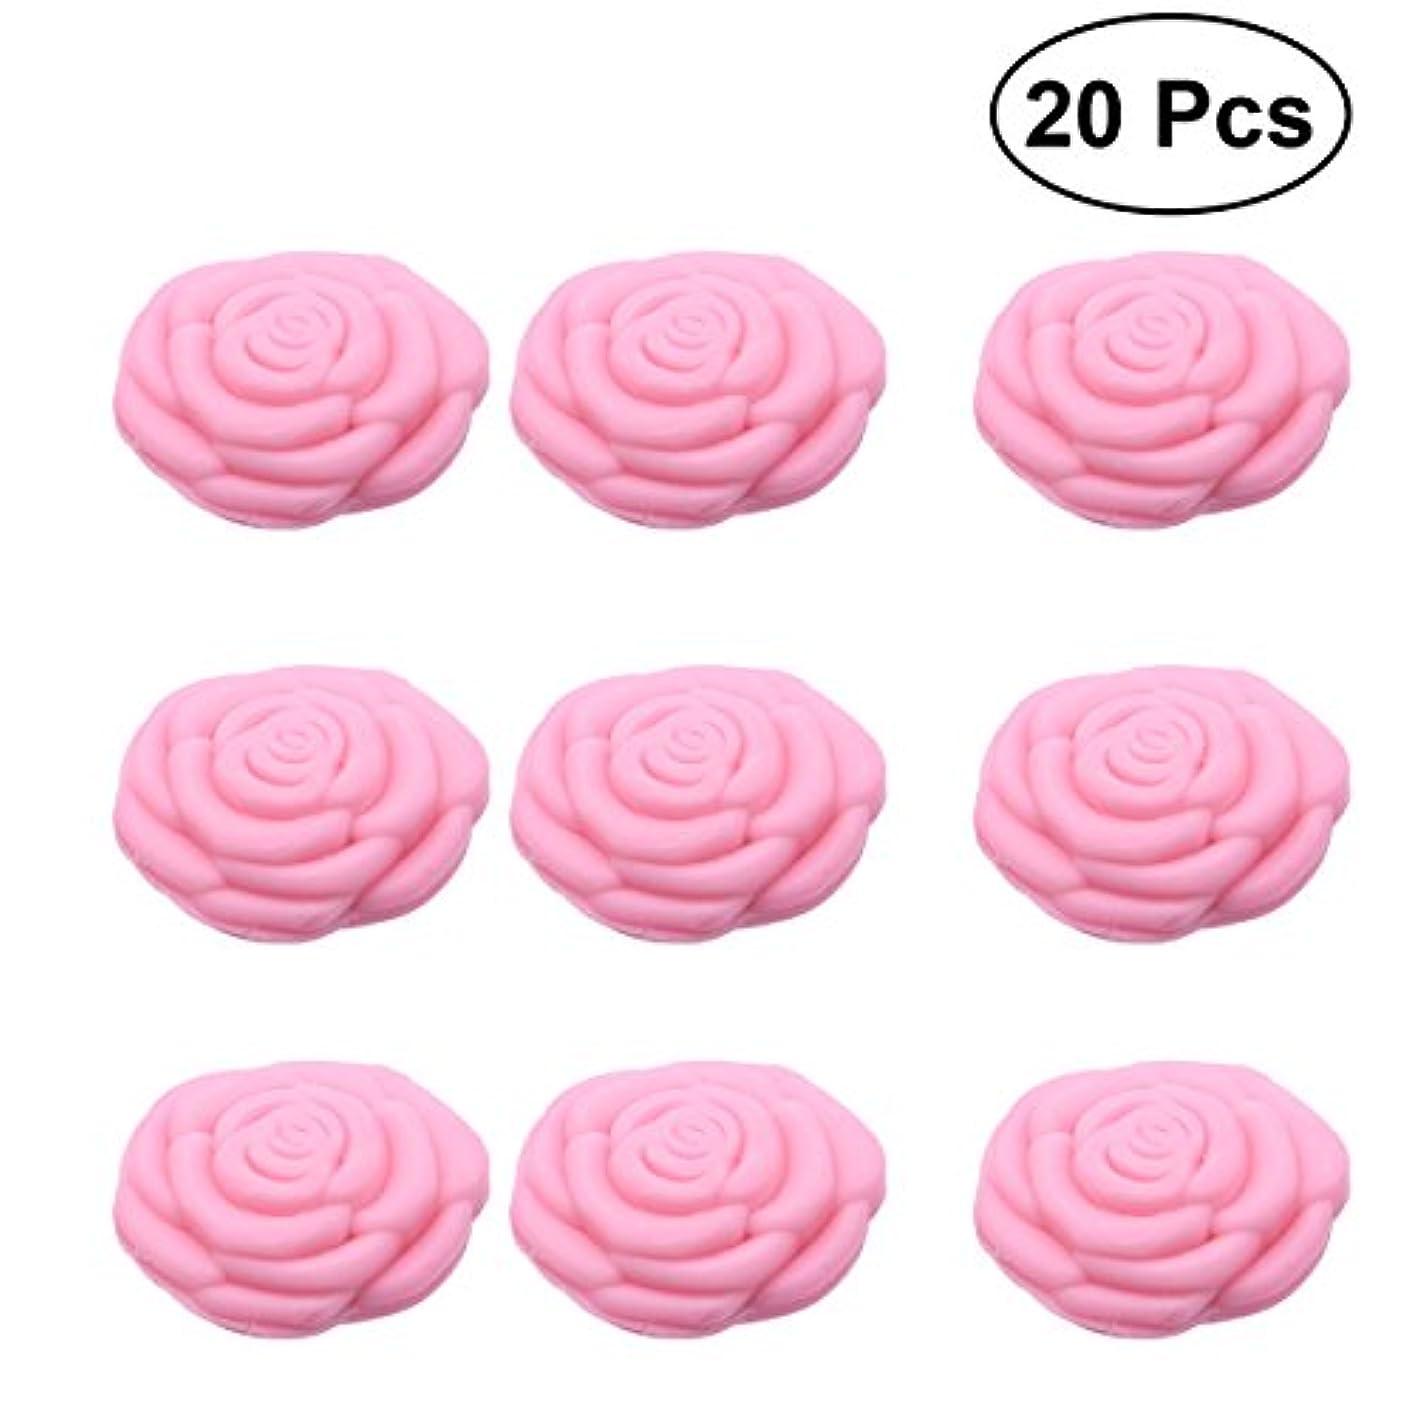 日付付きおびえた続けるAmosfun 手作り石鹸オイルローズフラワーソープアロマエッセンシャルオイルギフト記念日誕生日結婚式バレンタインデー(ピンク)20ピース